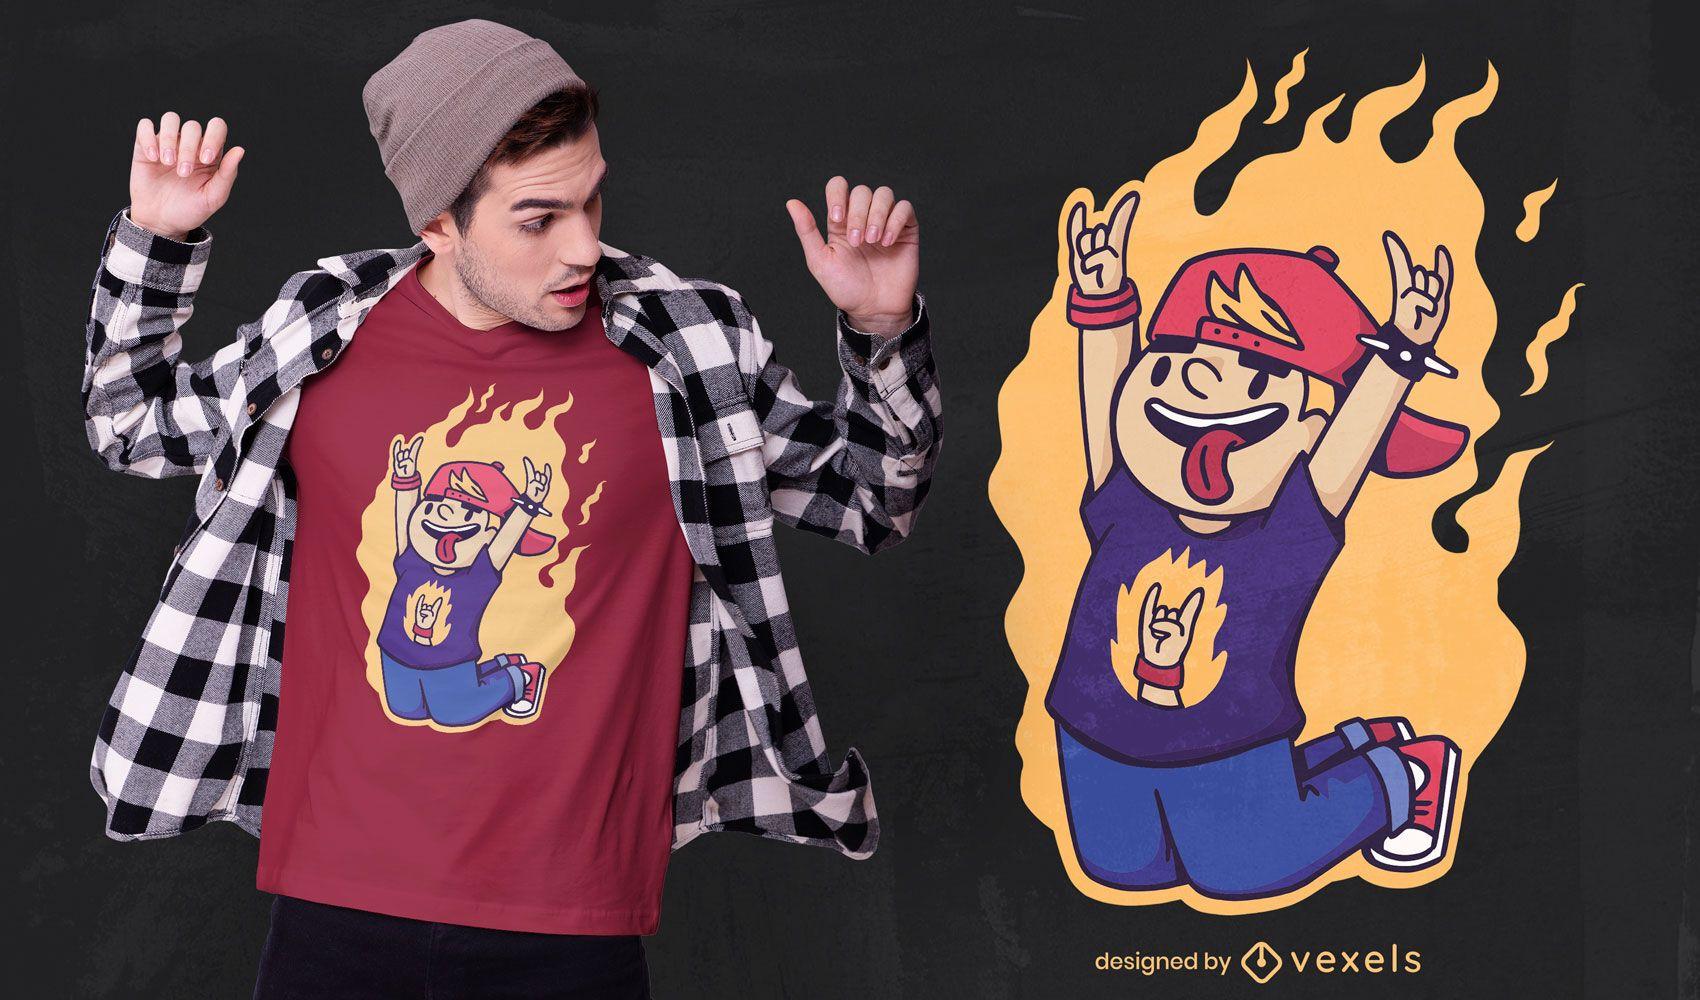 Kid Rock'n'Roll auf Feuer T-Shirt Design